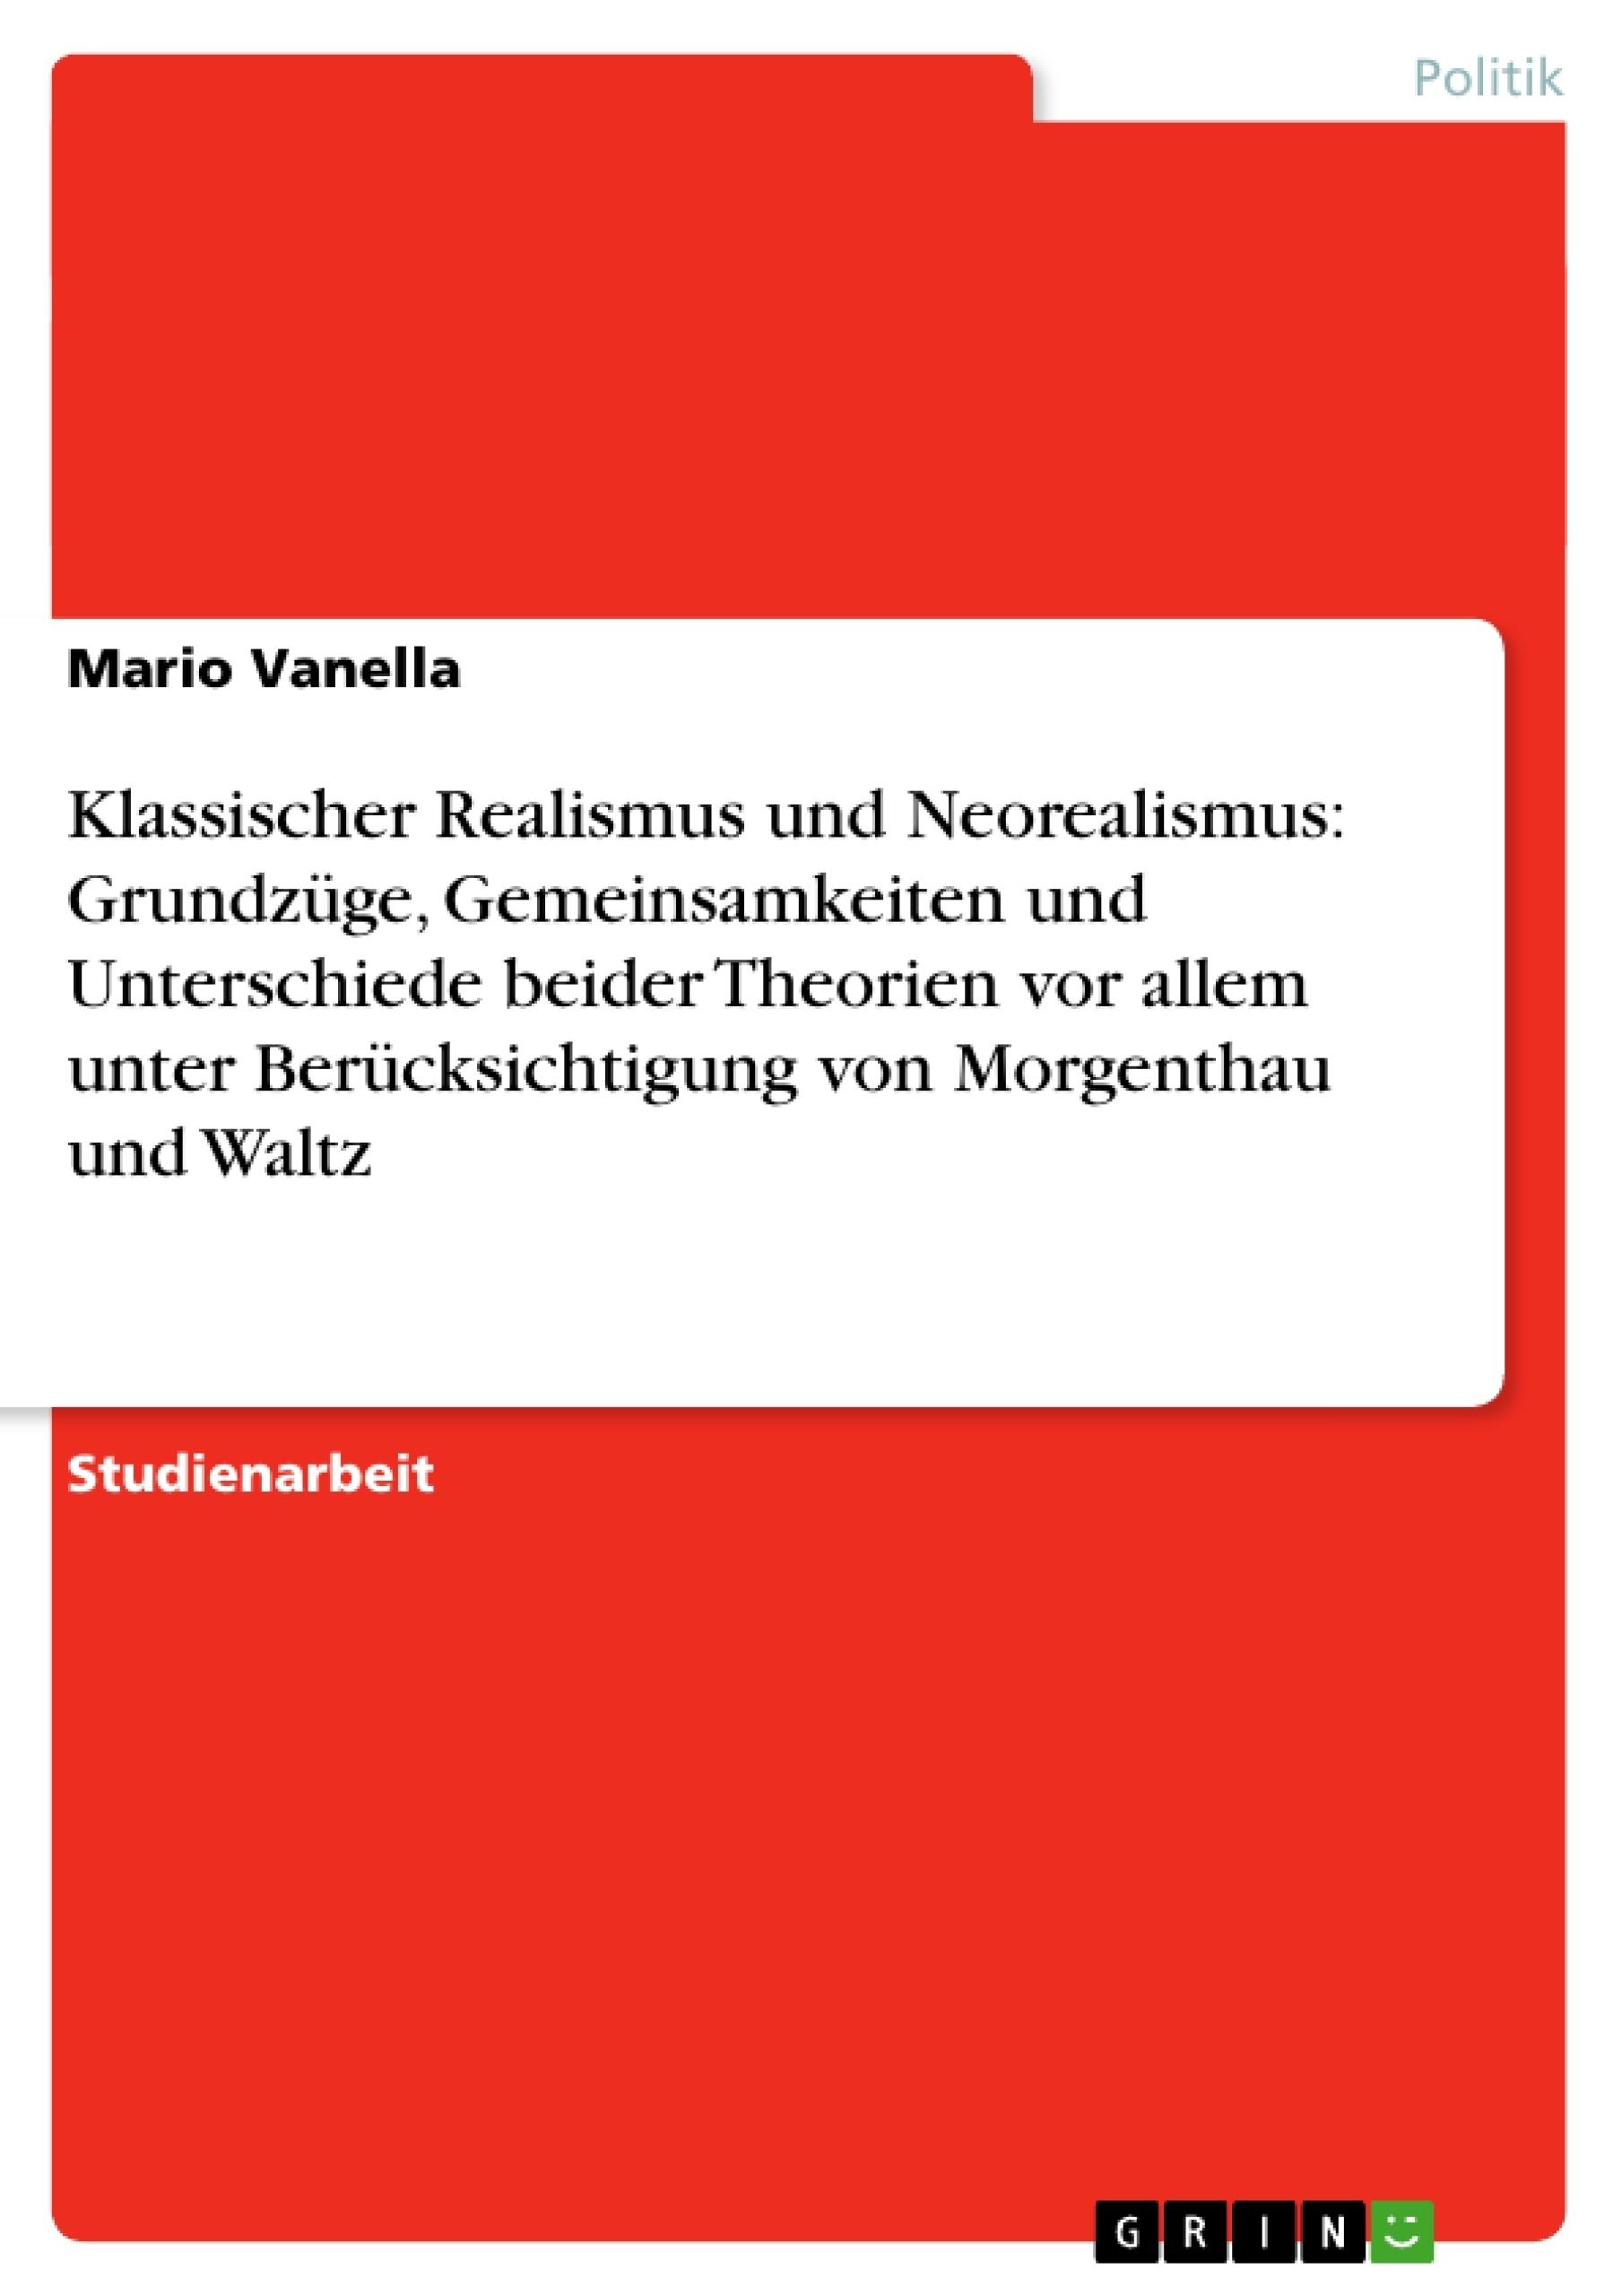 Titel: Klassischer Realismus und Neorealismus: Grundzüge, Gemeinsamkeiten und Unterschiede beider Theorien vor allem unter Berücksichtigung von Morgenthau und Waltz